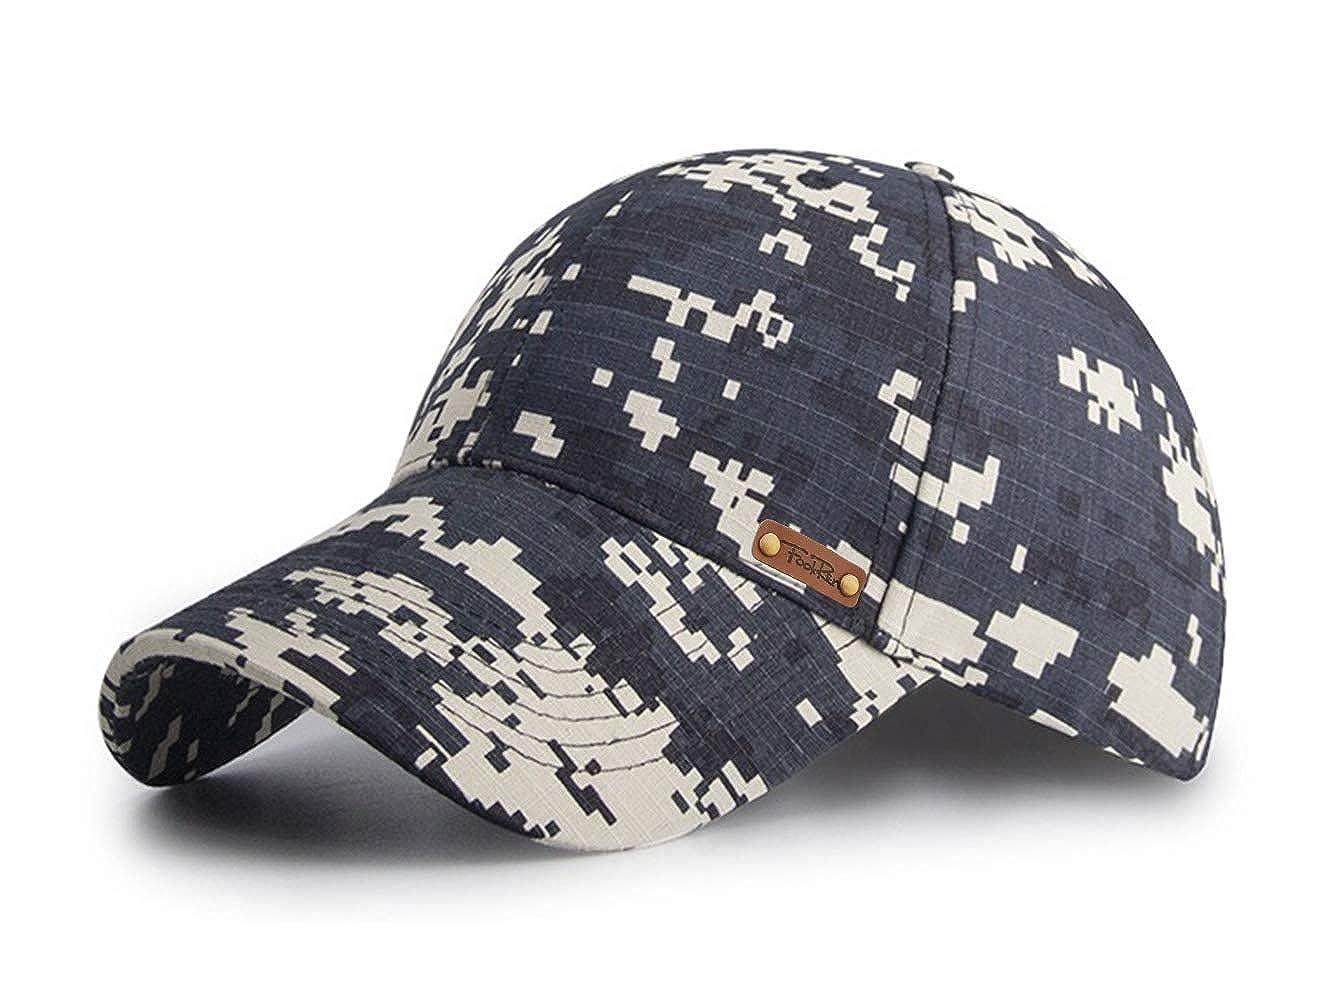 FOOKREN Casquette de Baseball Casquette de Camouflage Militaire Activit/és en Plein air Camping et la Chasse Casquette